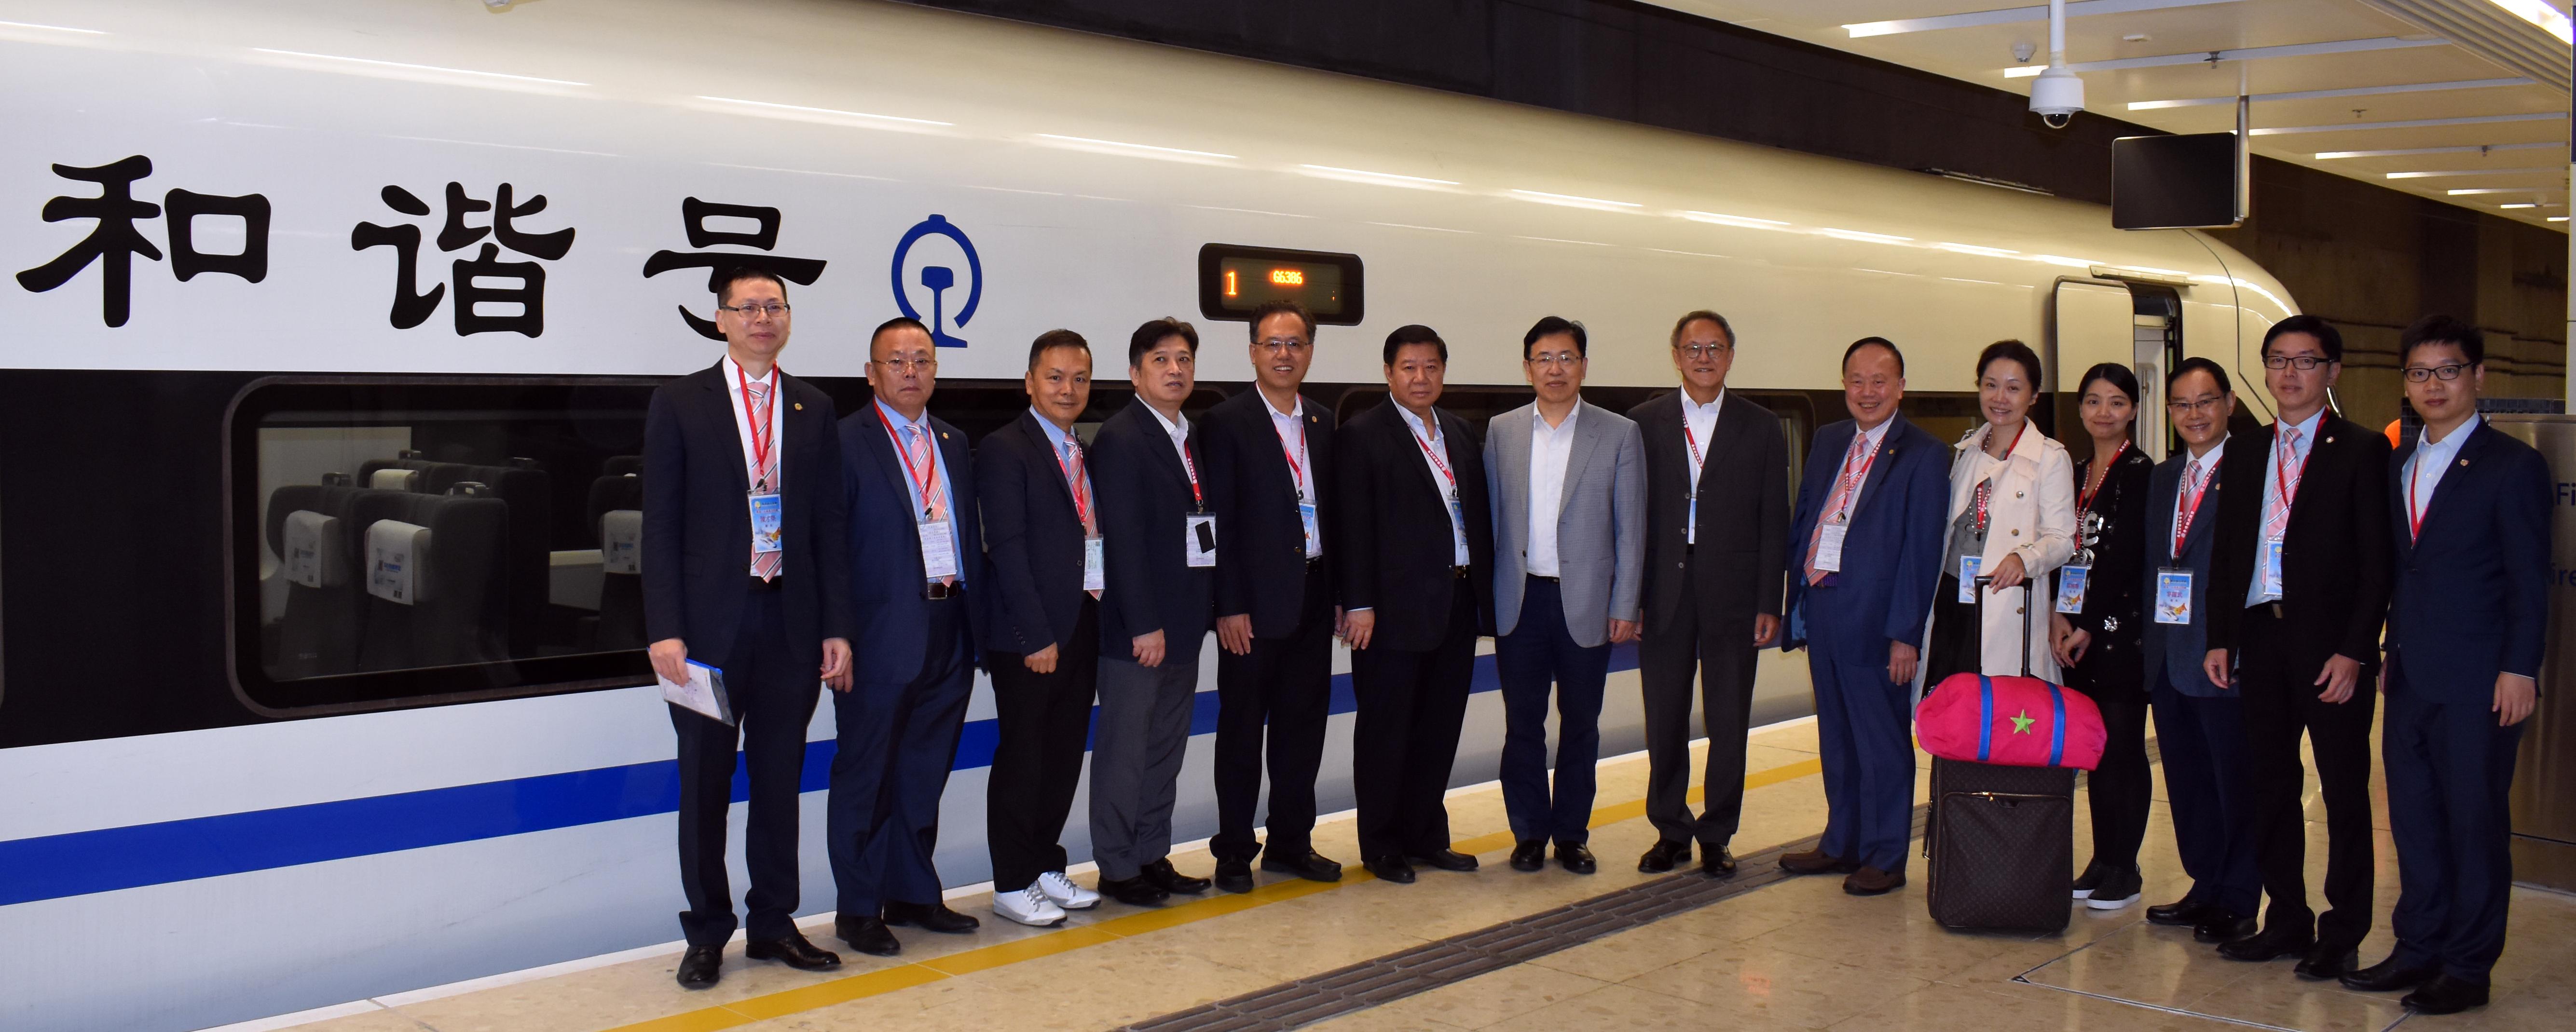 1.-本會潮汕三市商務訪問團部分成員在香港西九龍高鐵站高鐵列車前合影